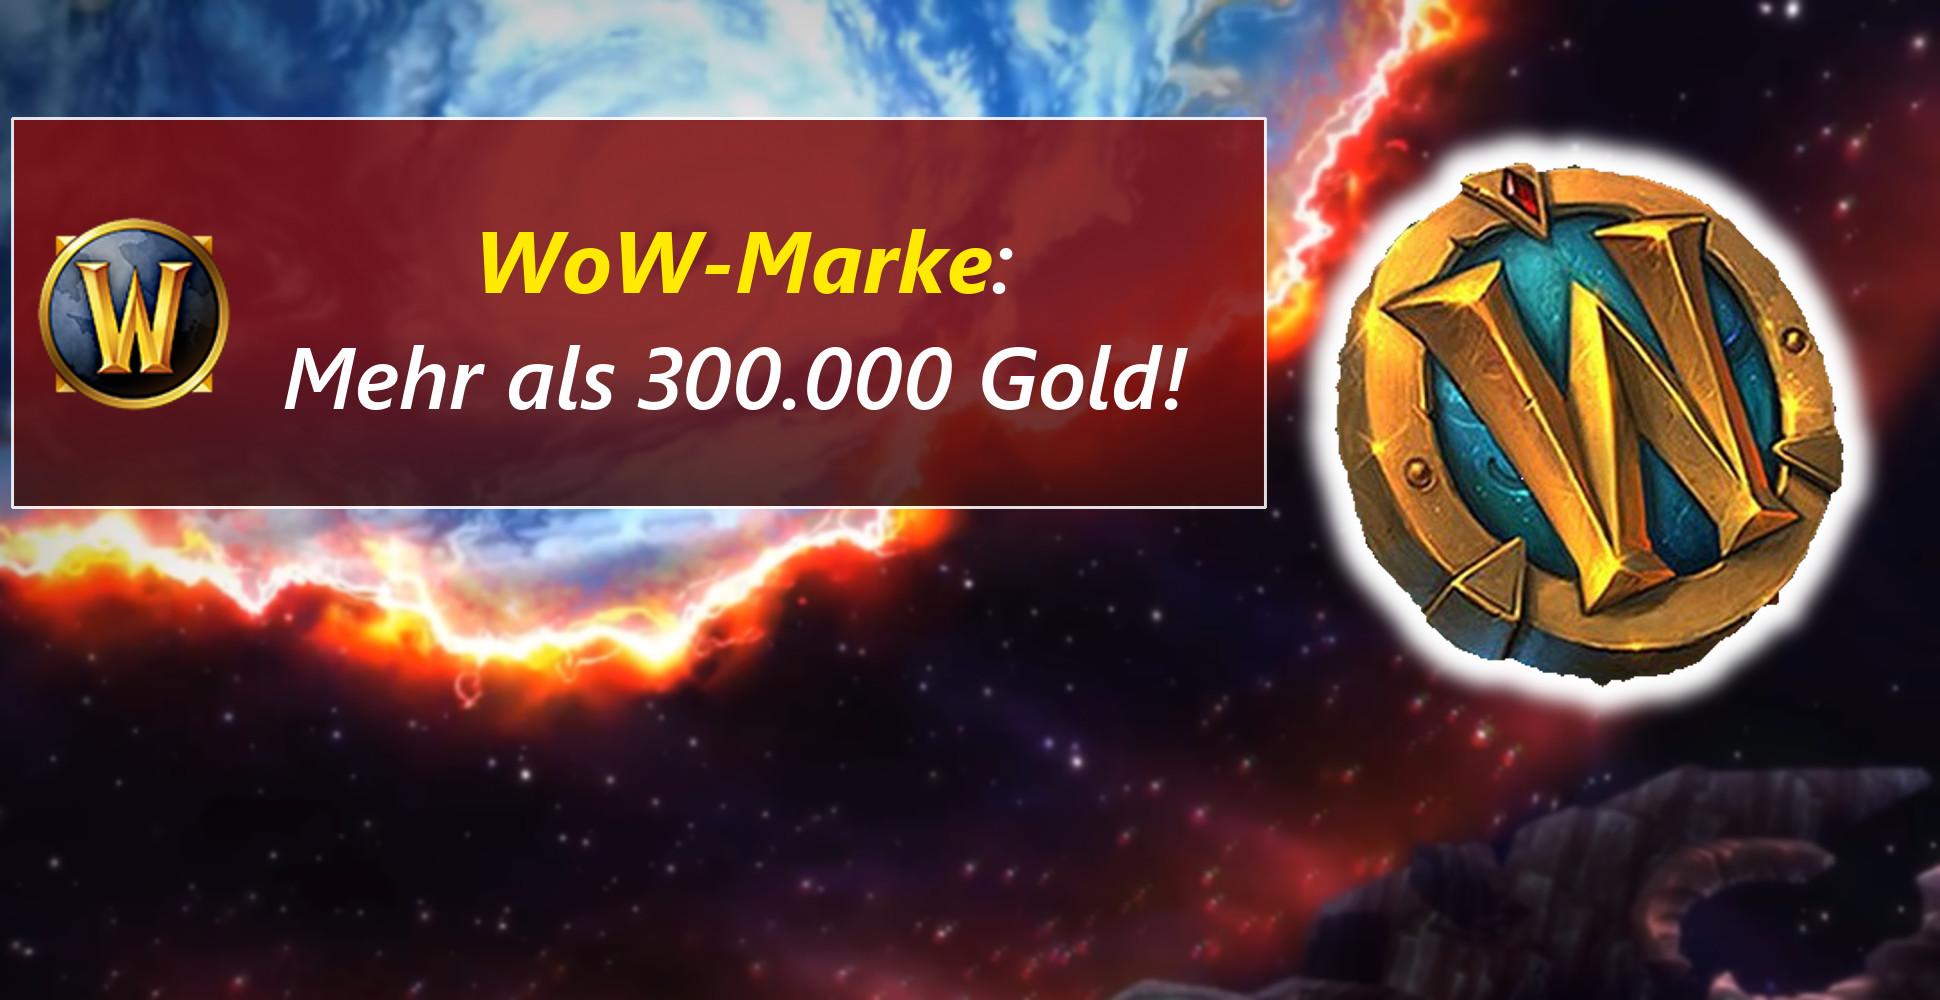 Preis der WoW-Marke explodiert – Danke, BlizzCon-Ticket!